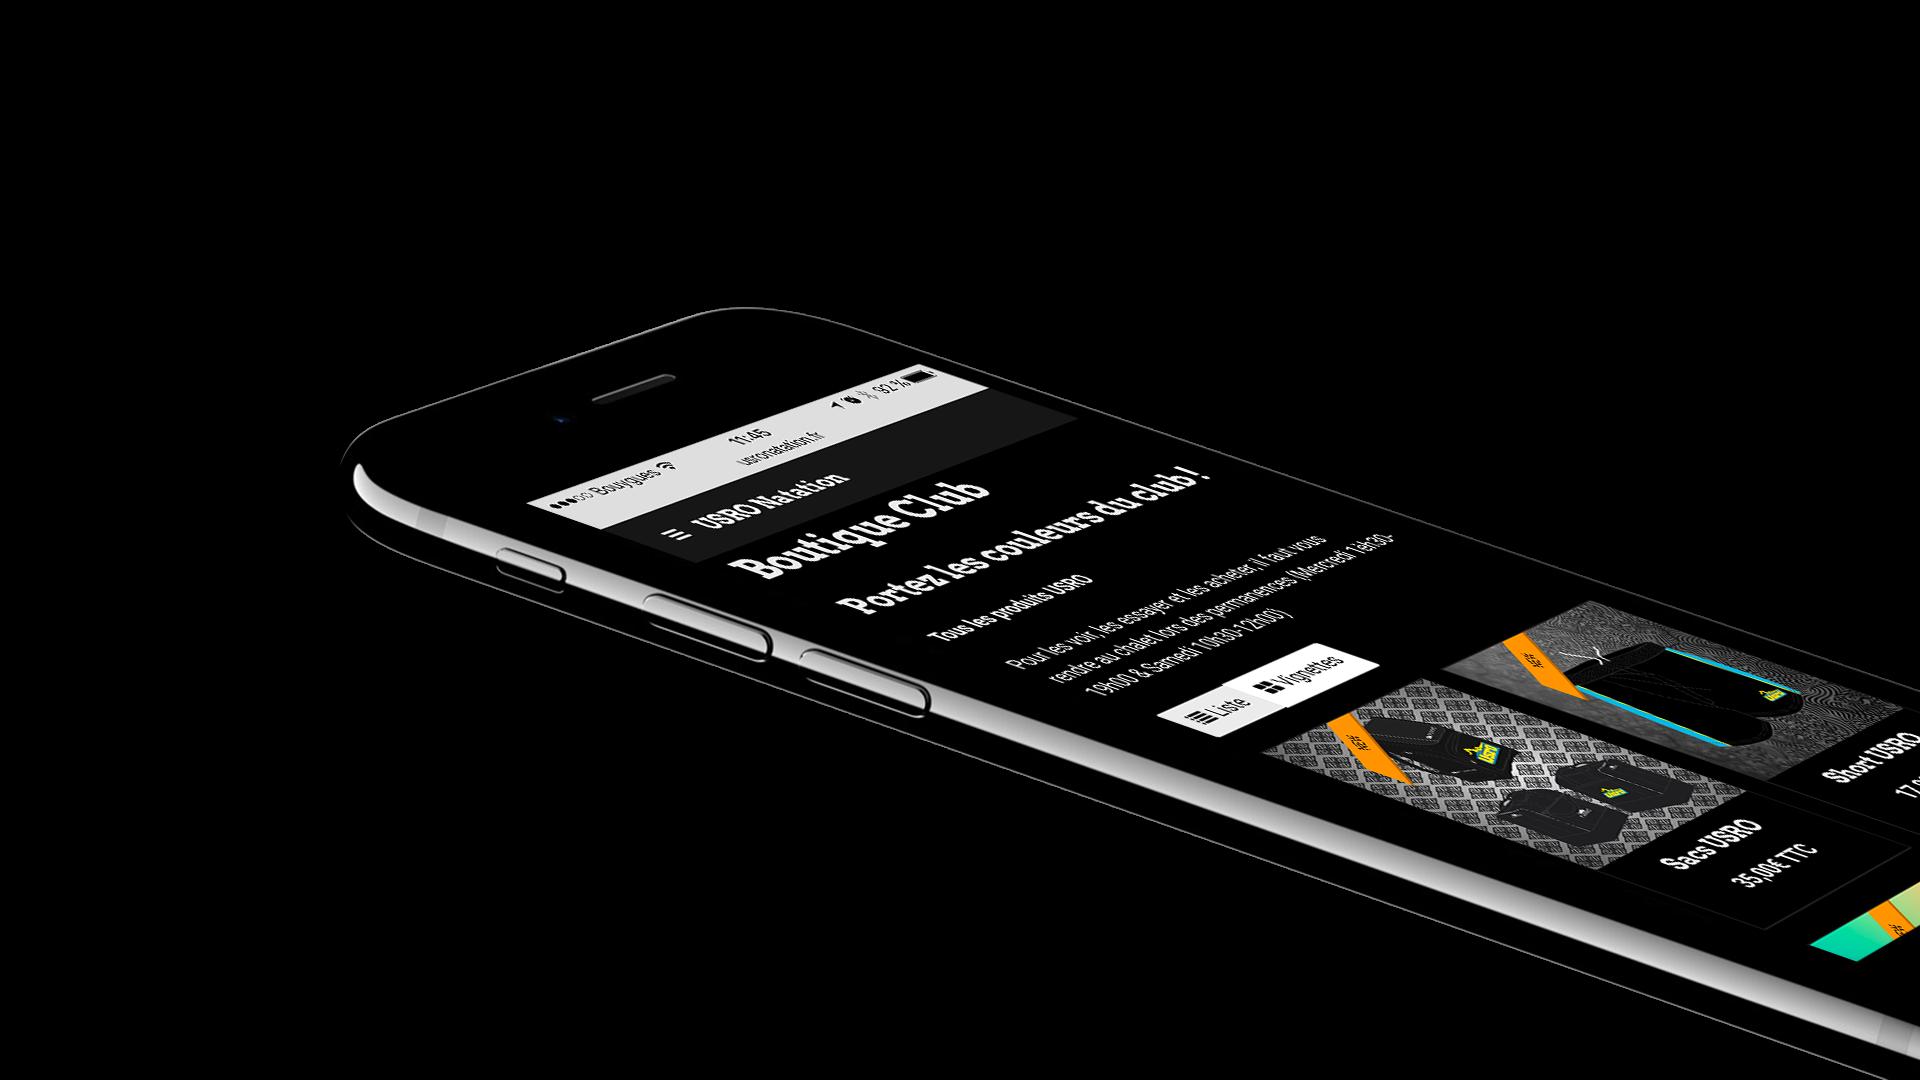 Nouveau site usro natation iphone jet black